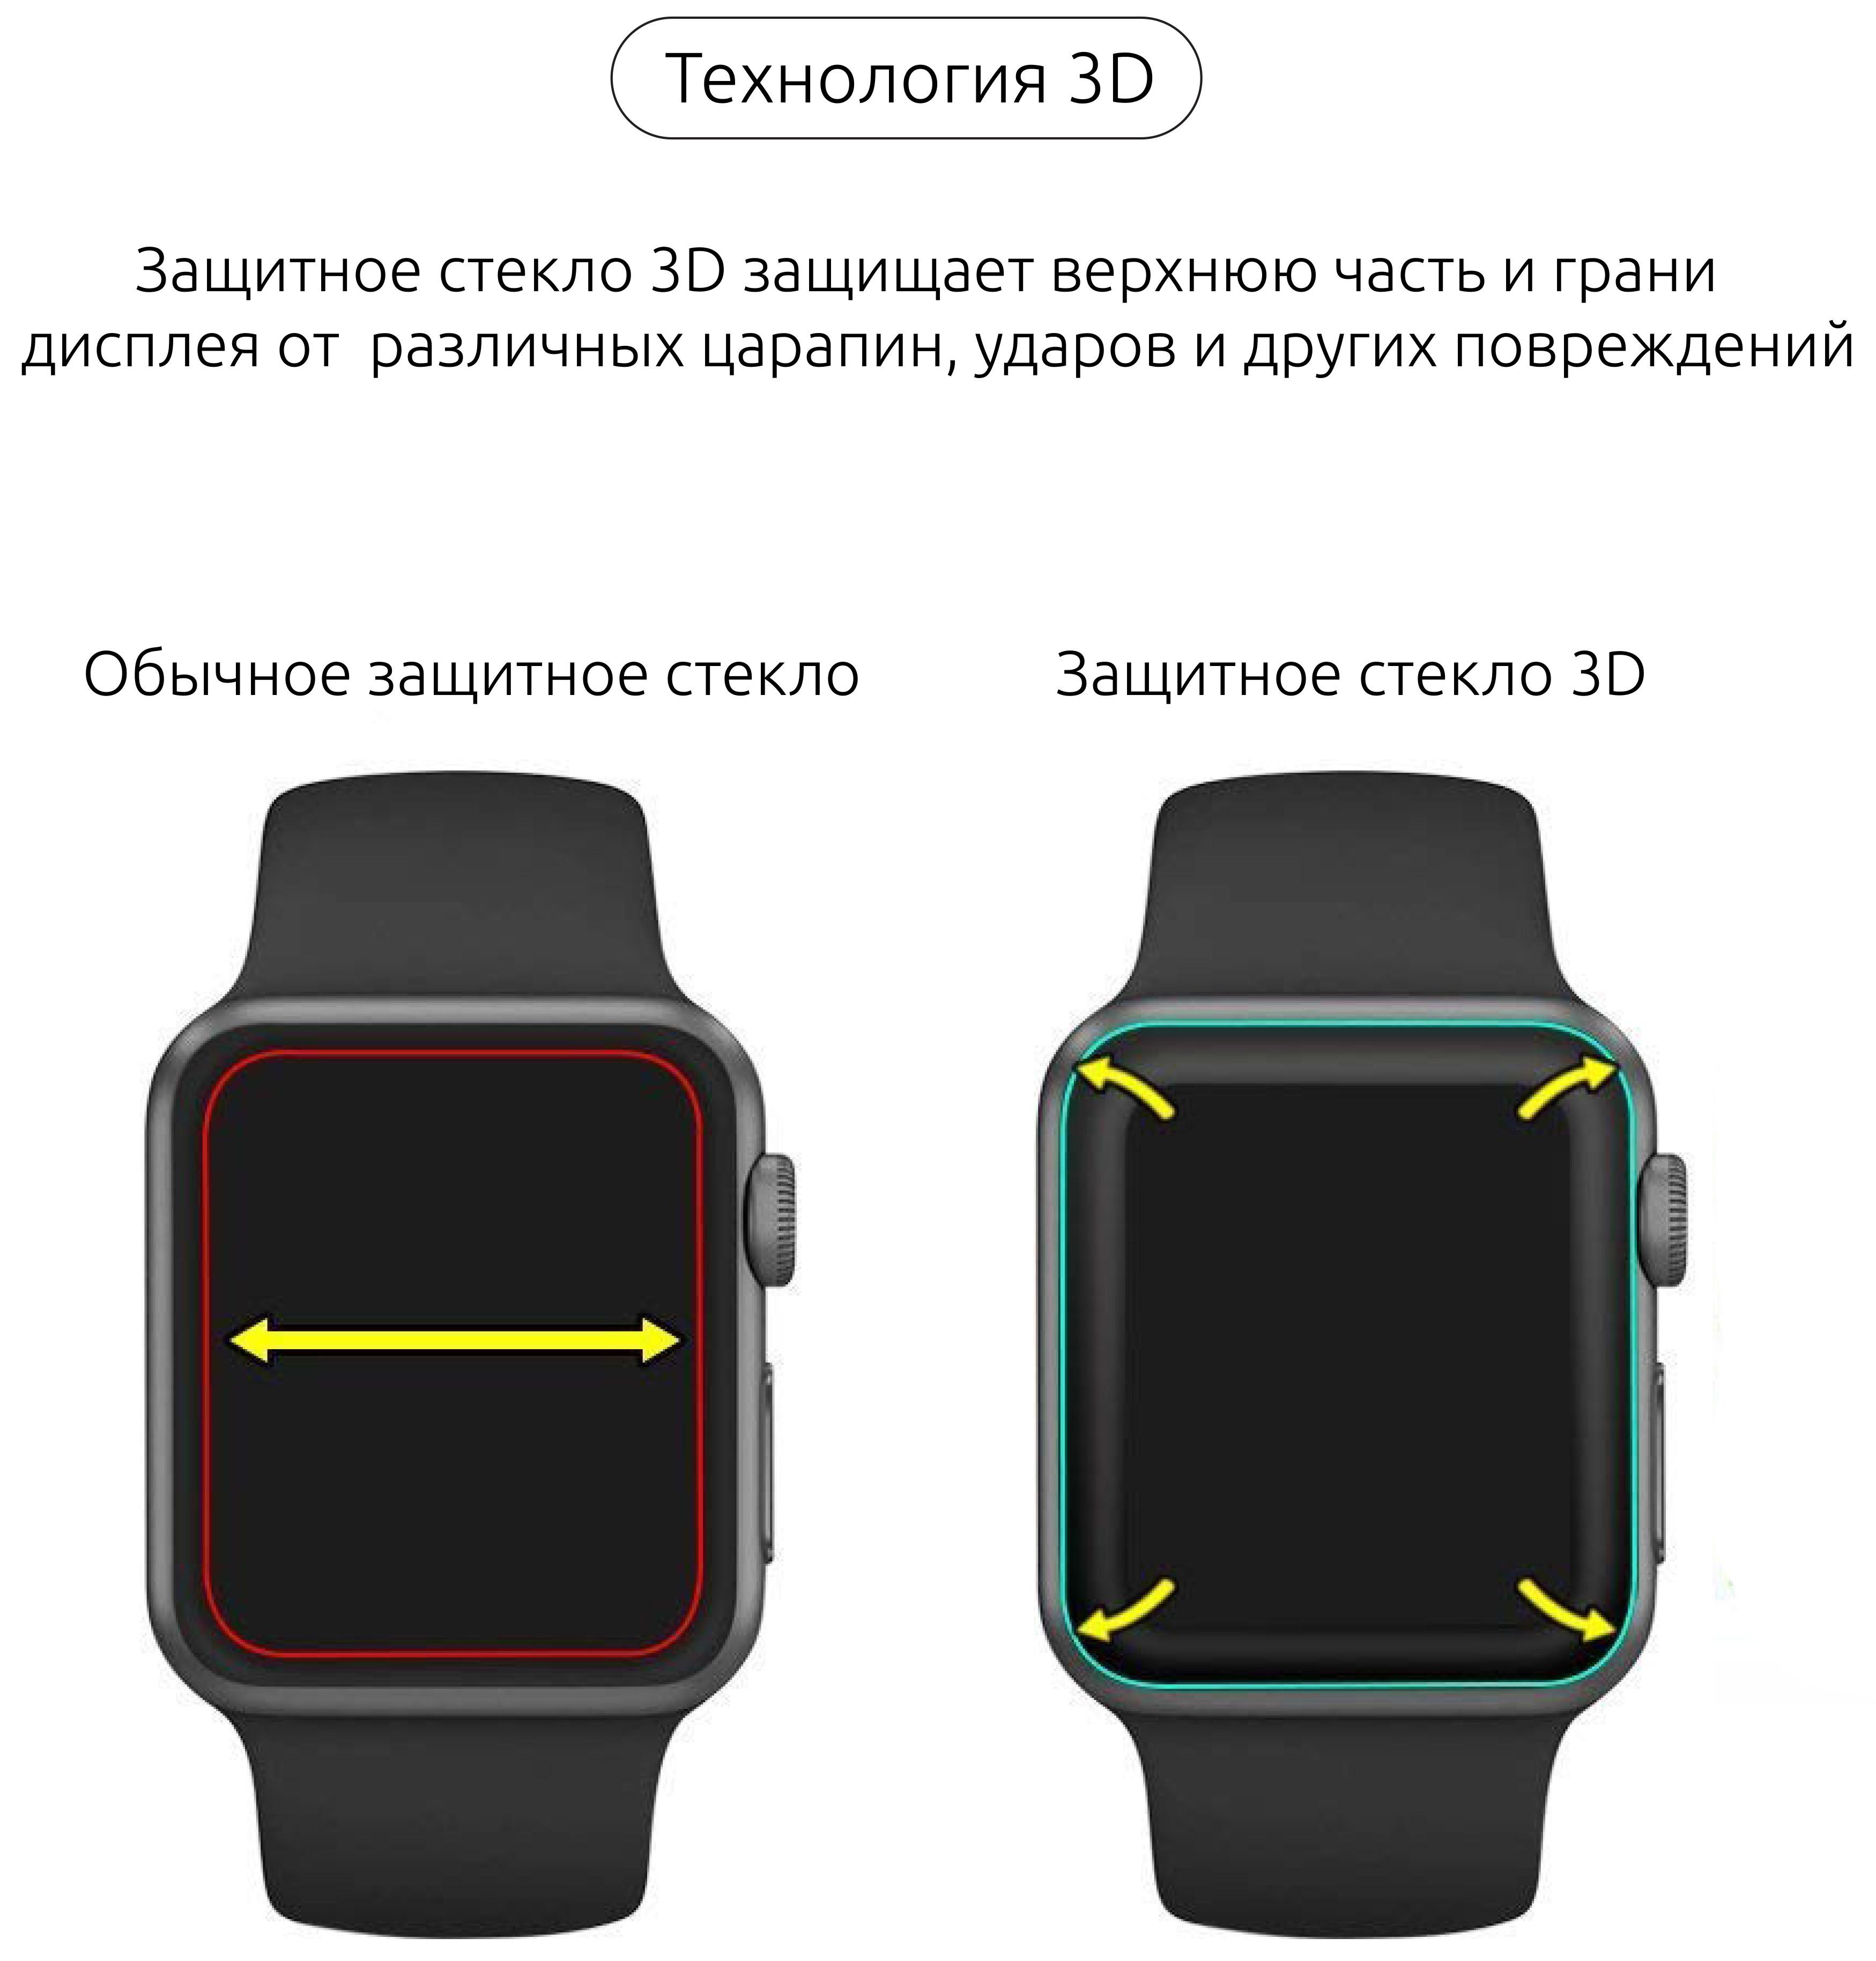 Фото 3 Защитное стекло ARMORSTANDART Apple Watch 44mm Black (ARM53470)